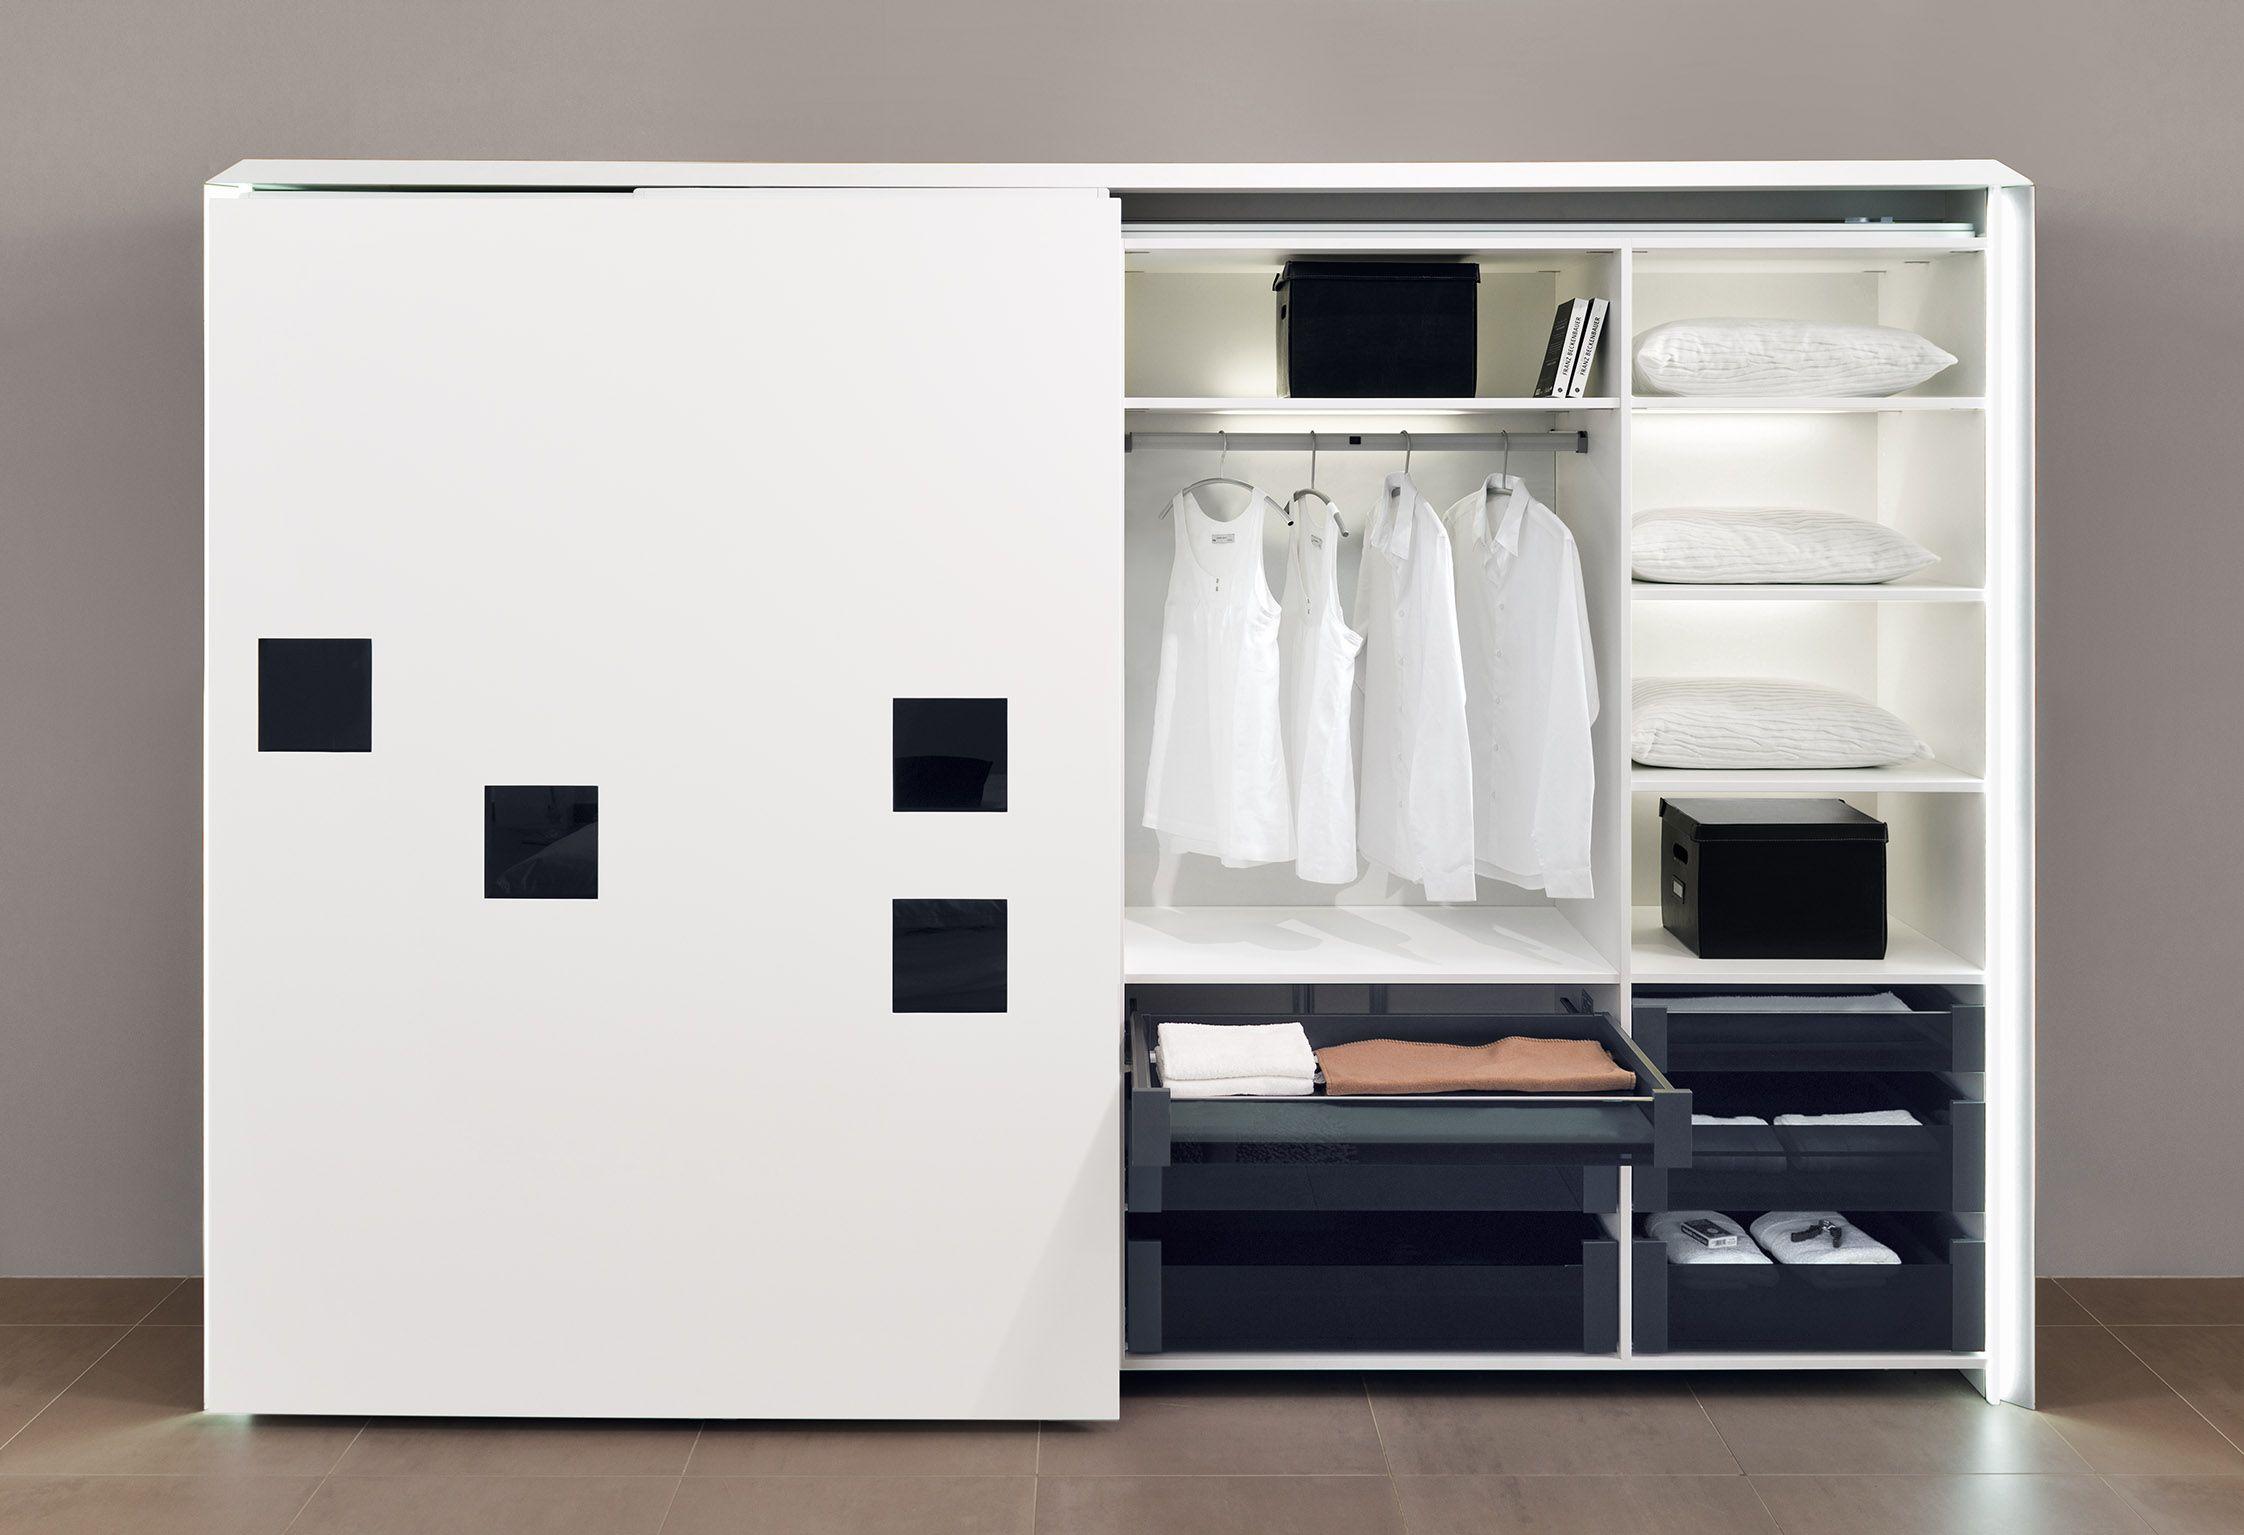 Hettich Wardrobe Doors Modular Wardrobes Sliding Door Hardware Wardrobe Doors